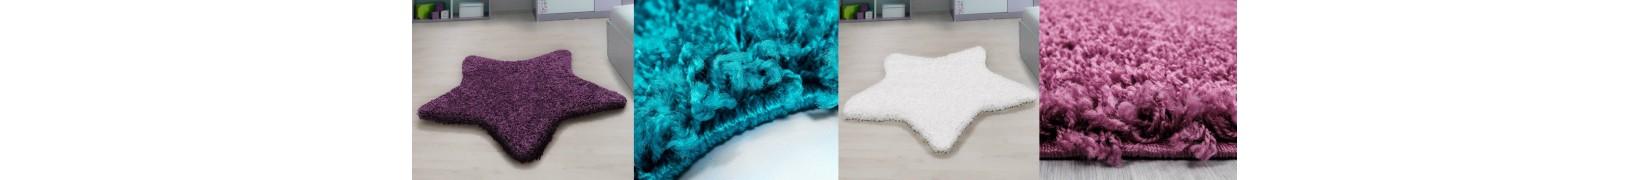 Piękne, modne gwiazdkowe dywany Shaggy